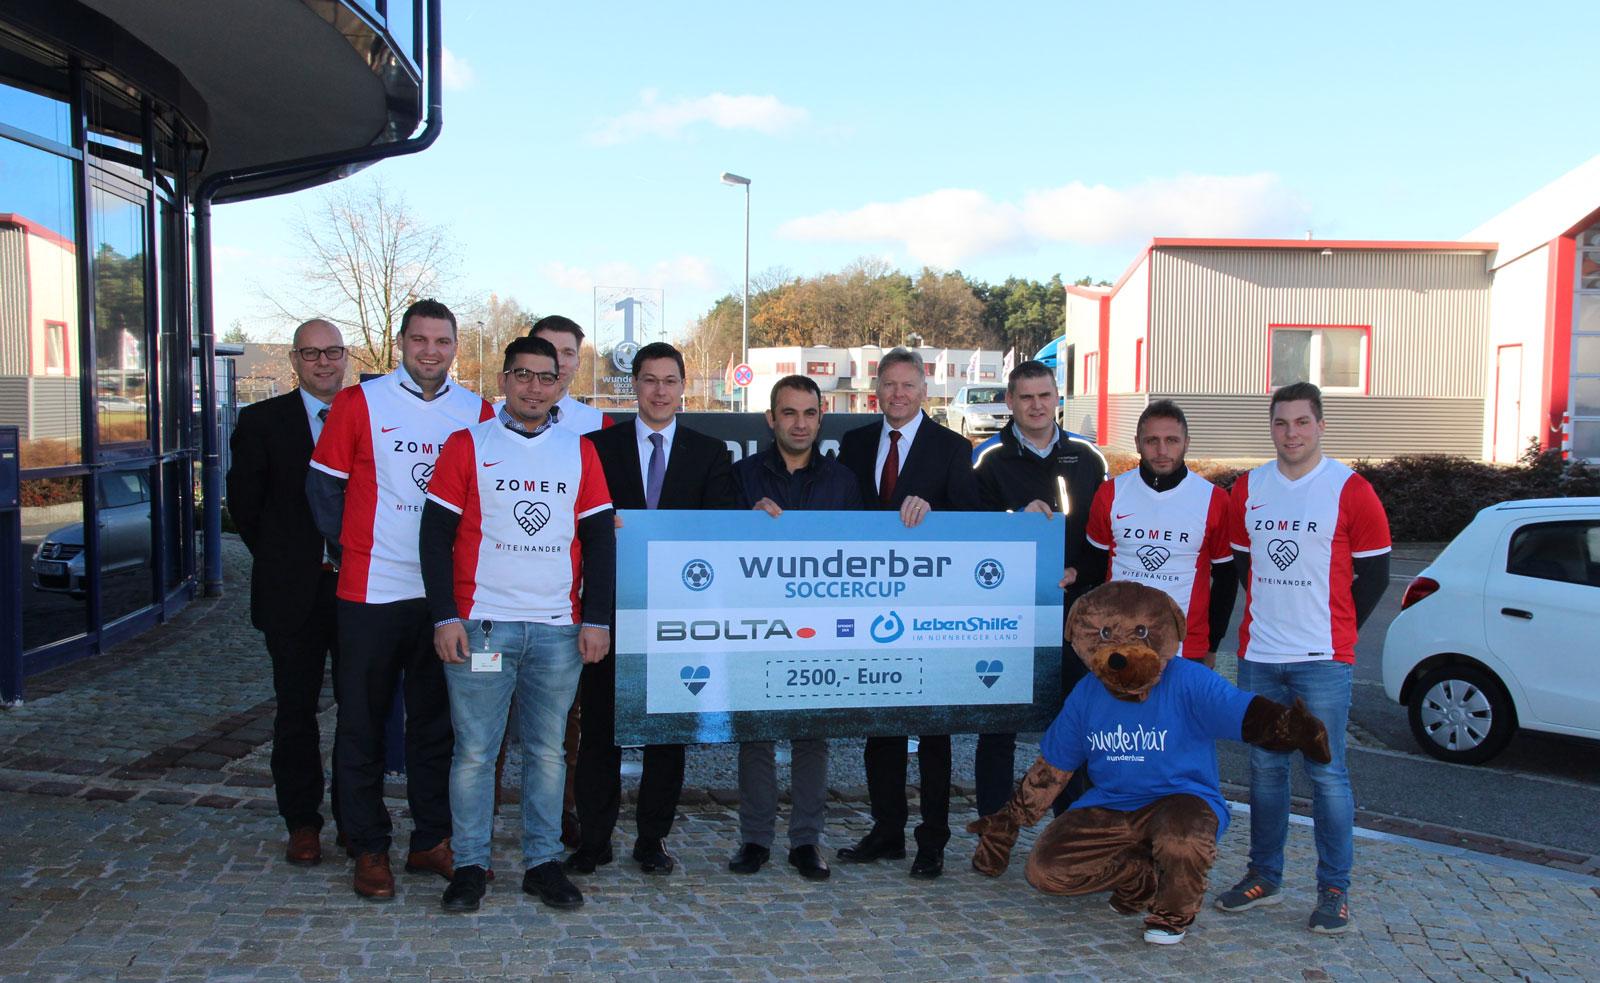 """Das Fußballteam der BOLTA spendet die Siegerprämie des """"wunderbar-Soccercups"""" über 2500 Euro für die Reittherapie der Lebenshilfe im Nürnberger Land e.V. – Die Bolta versteht sich als Partner und Förderer der Reittherapie und will im kommenden Jahr wied"""